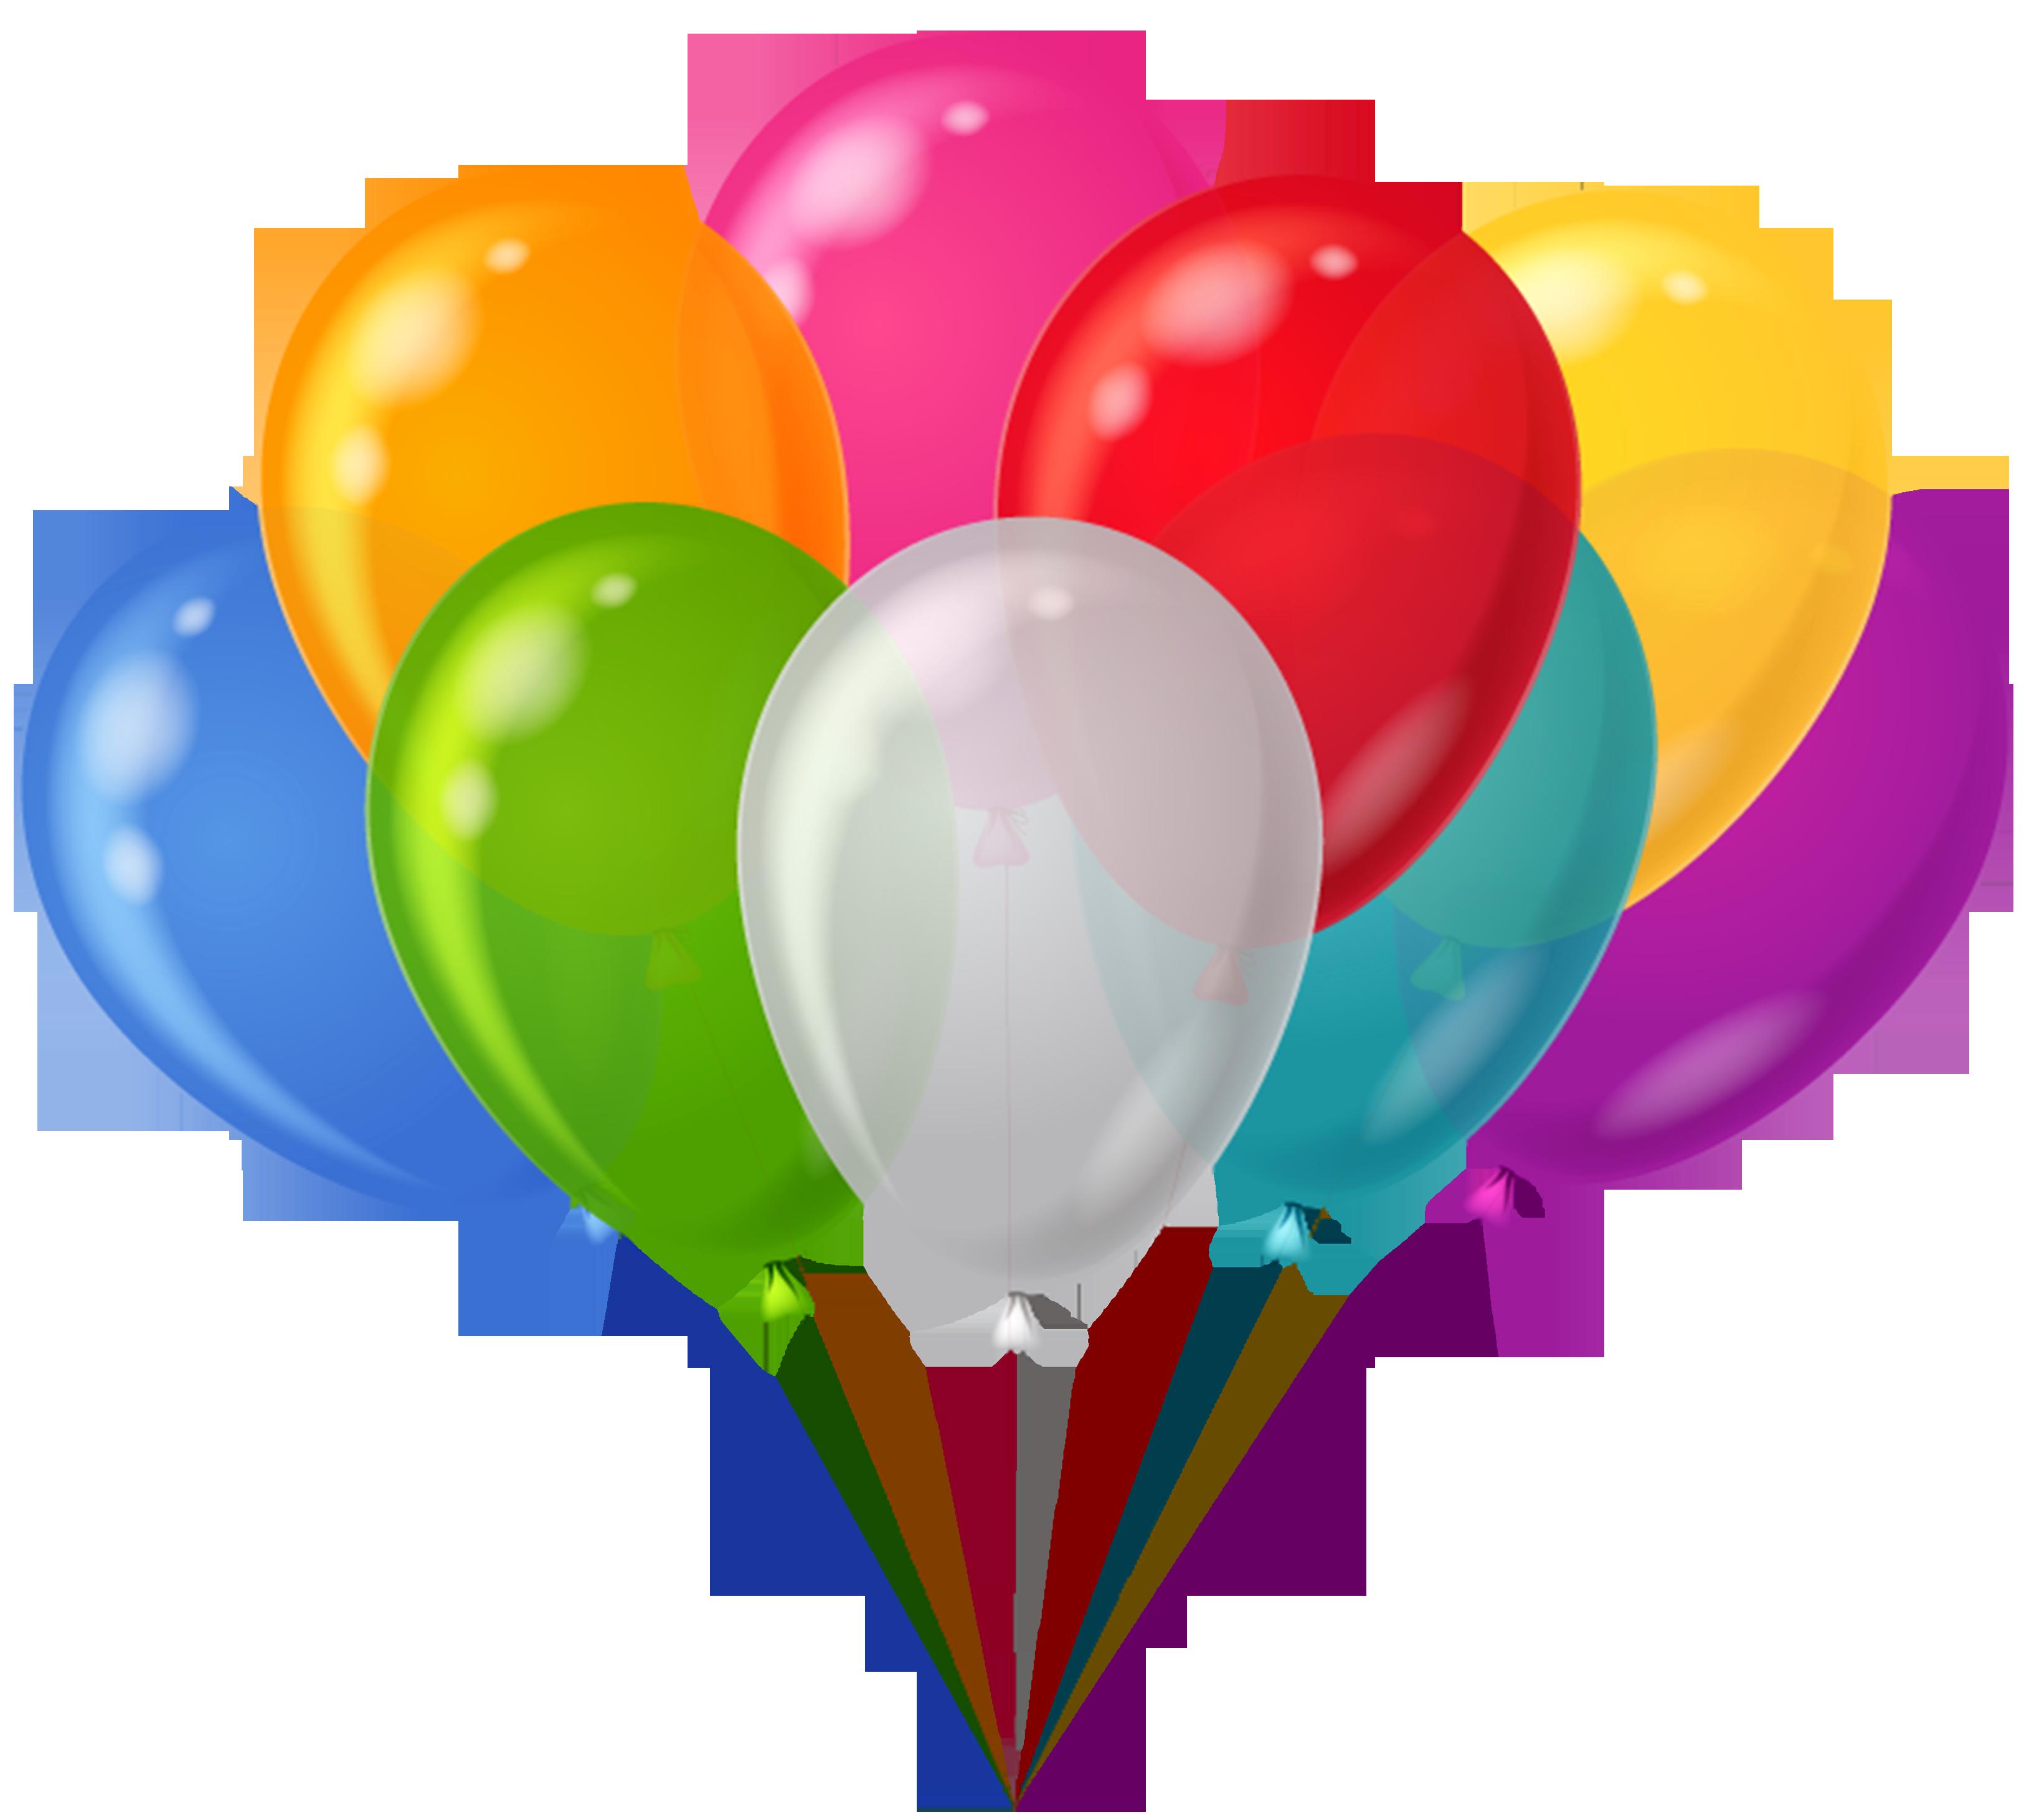 Balloon Clipart-Clipartlook.com-3250-Balloon Clipart-Clipartlook.com-3250-1